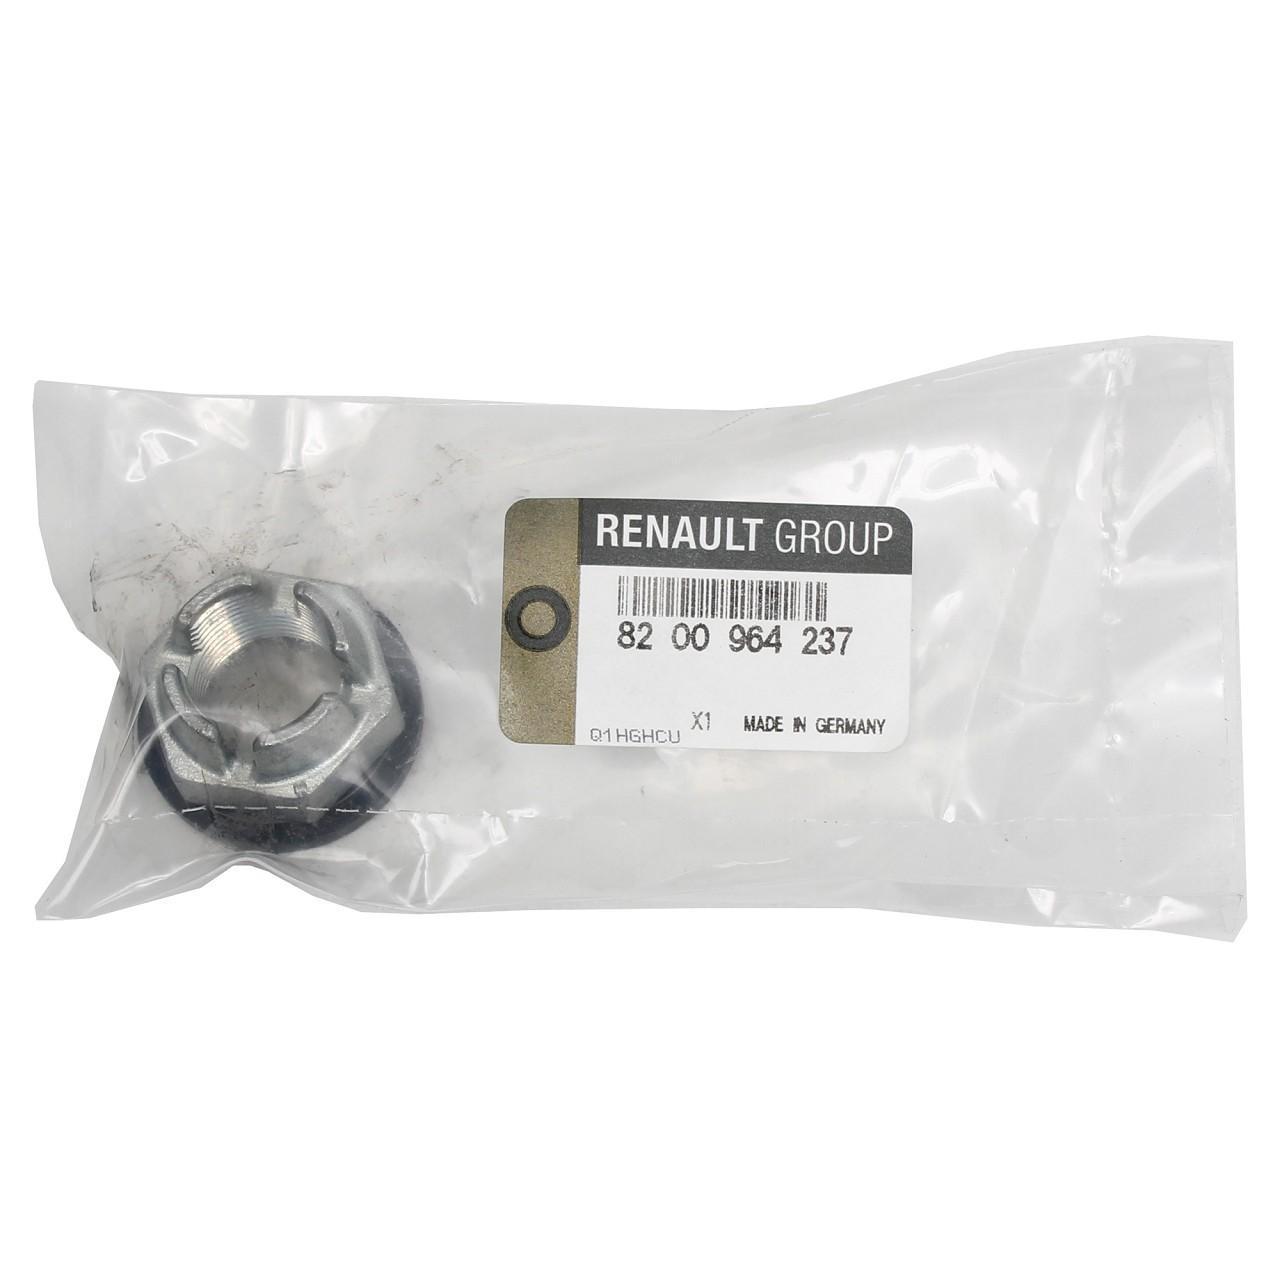 ORIGINAL Renault Mutter Gelenkwelle Antriebswelle vorne 8200964237